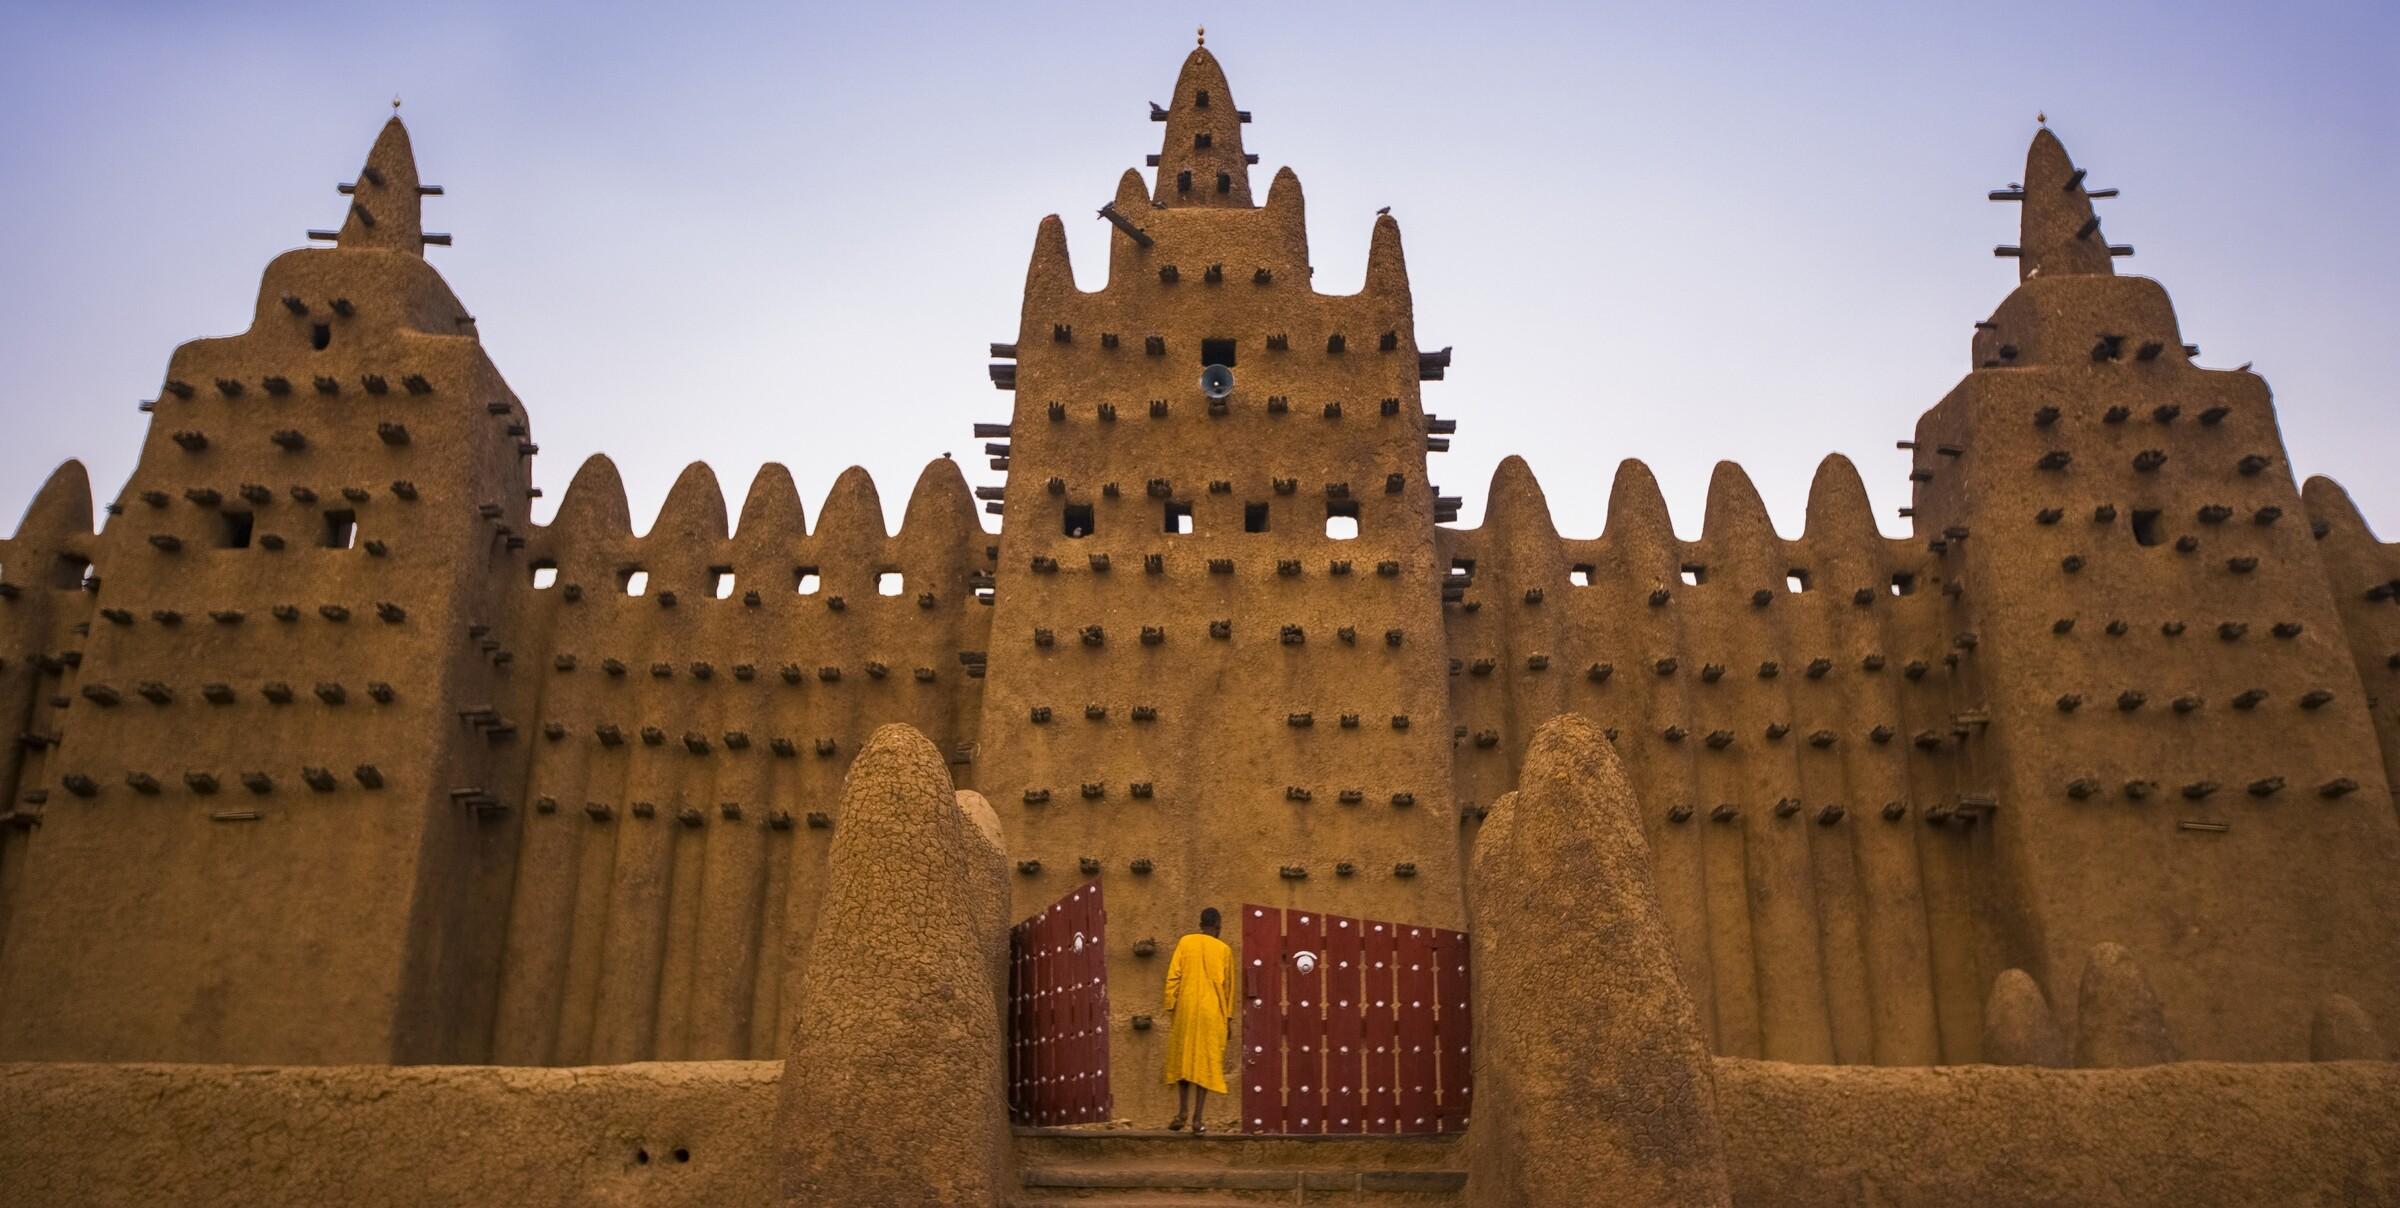 جنه (Djenne)، تمدنی 5000 ساله قدیمیترین شهر آفریقا